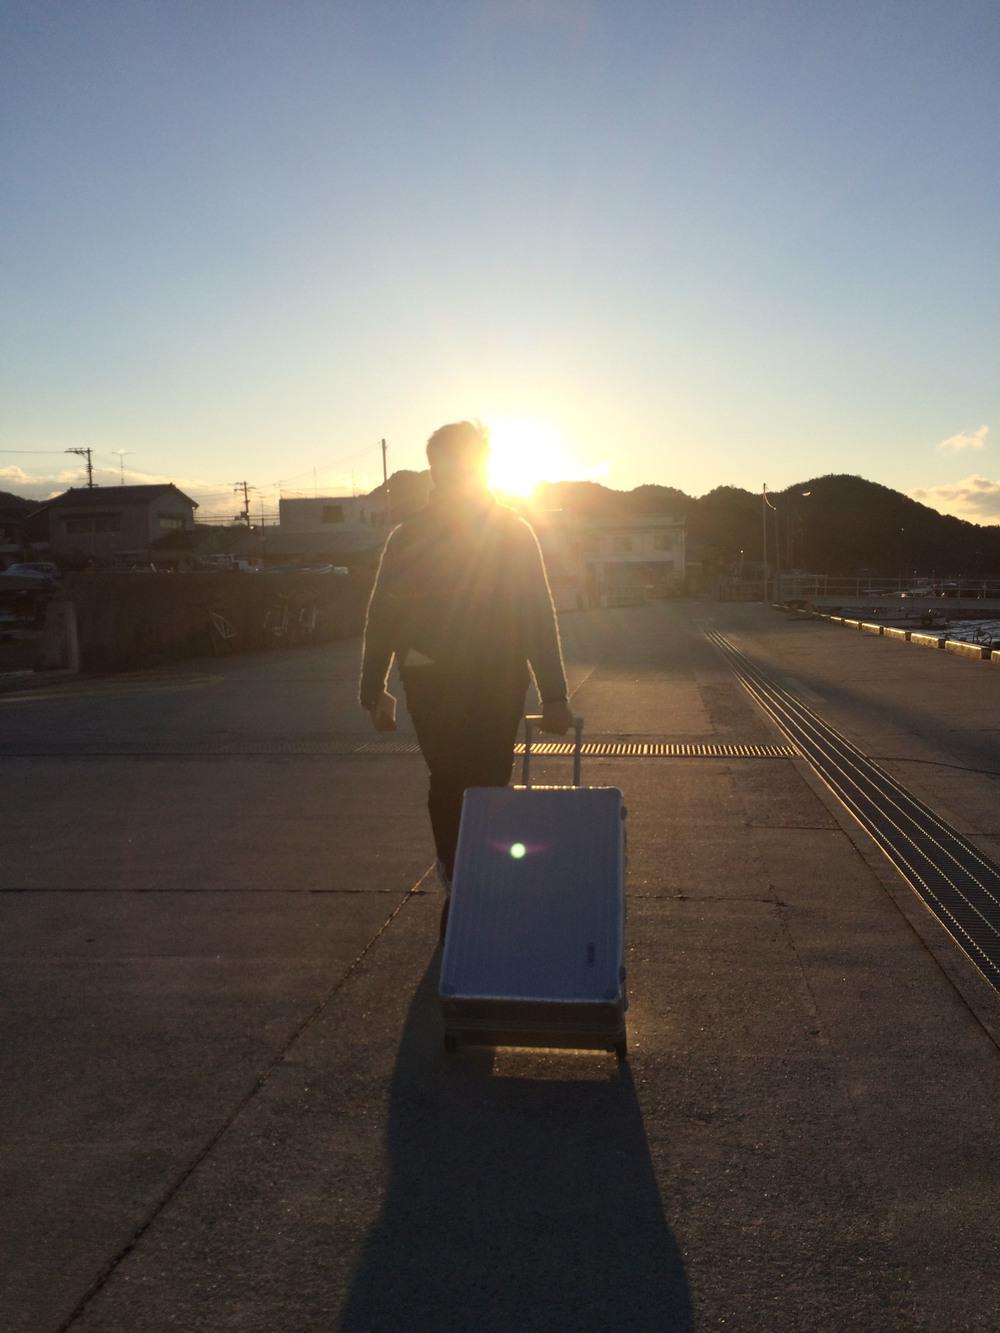 結束自抵達日本後最充實的一天行程,這次我們將住宿點轉到宇野港的菊水旅館